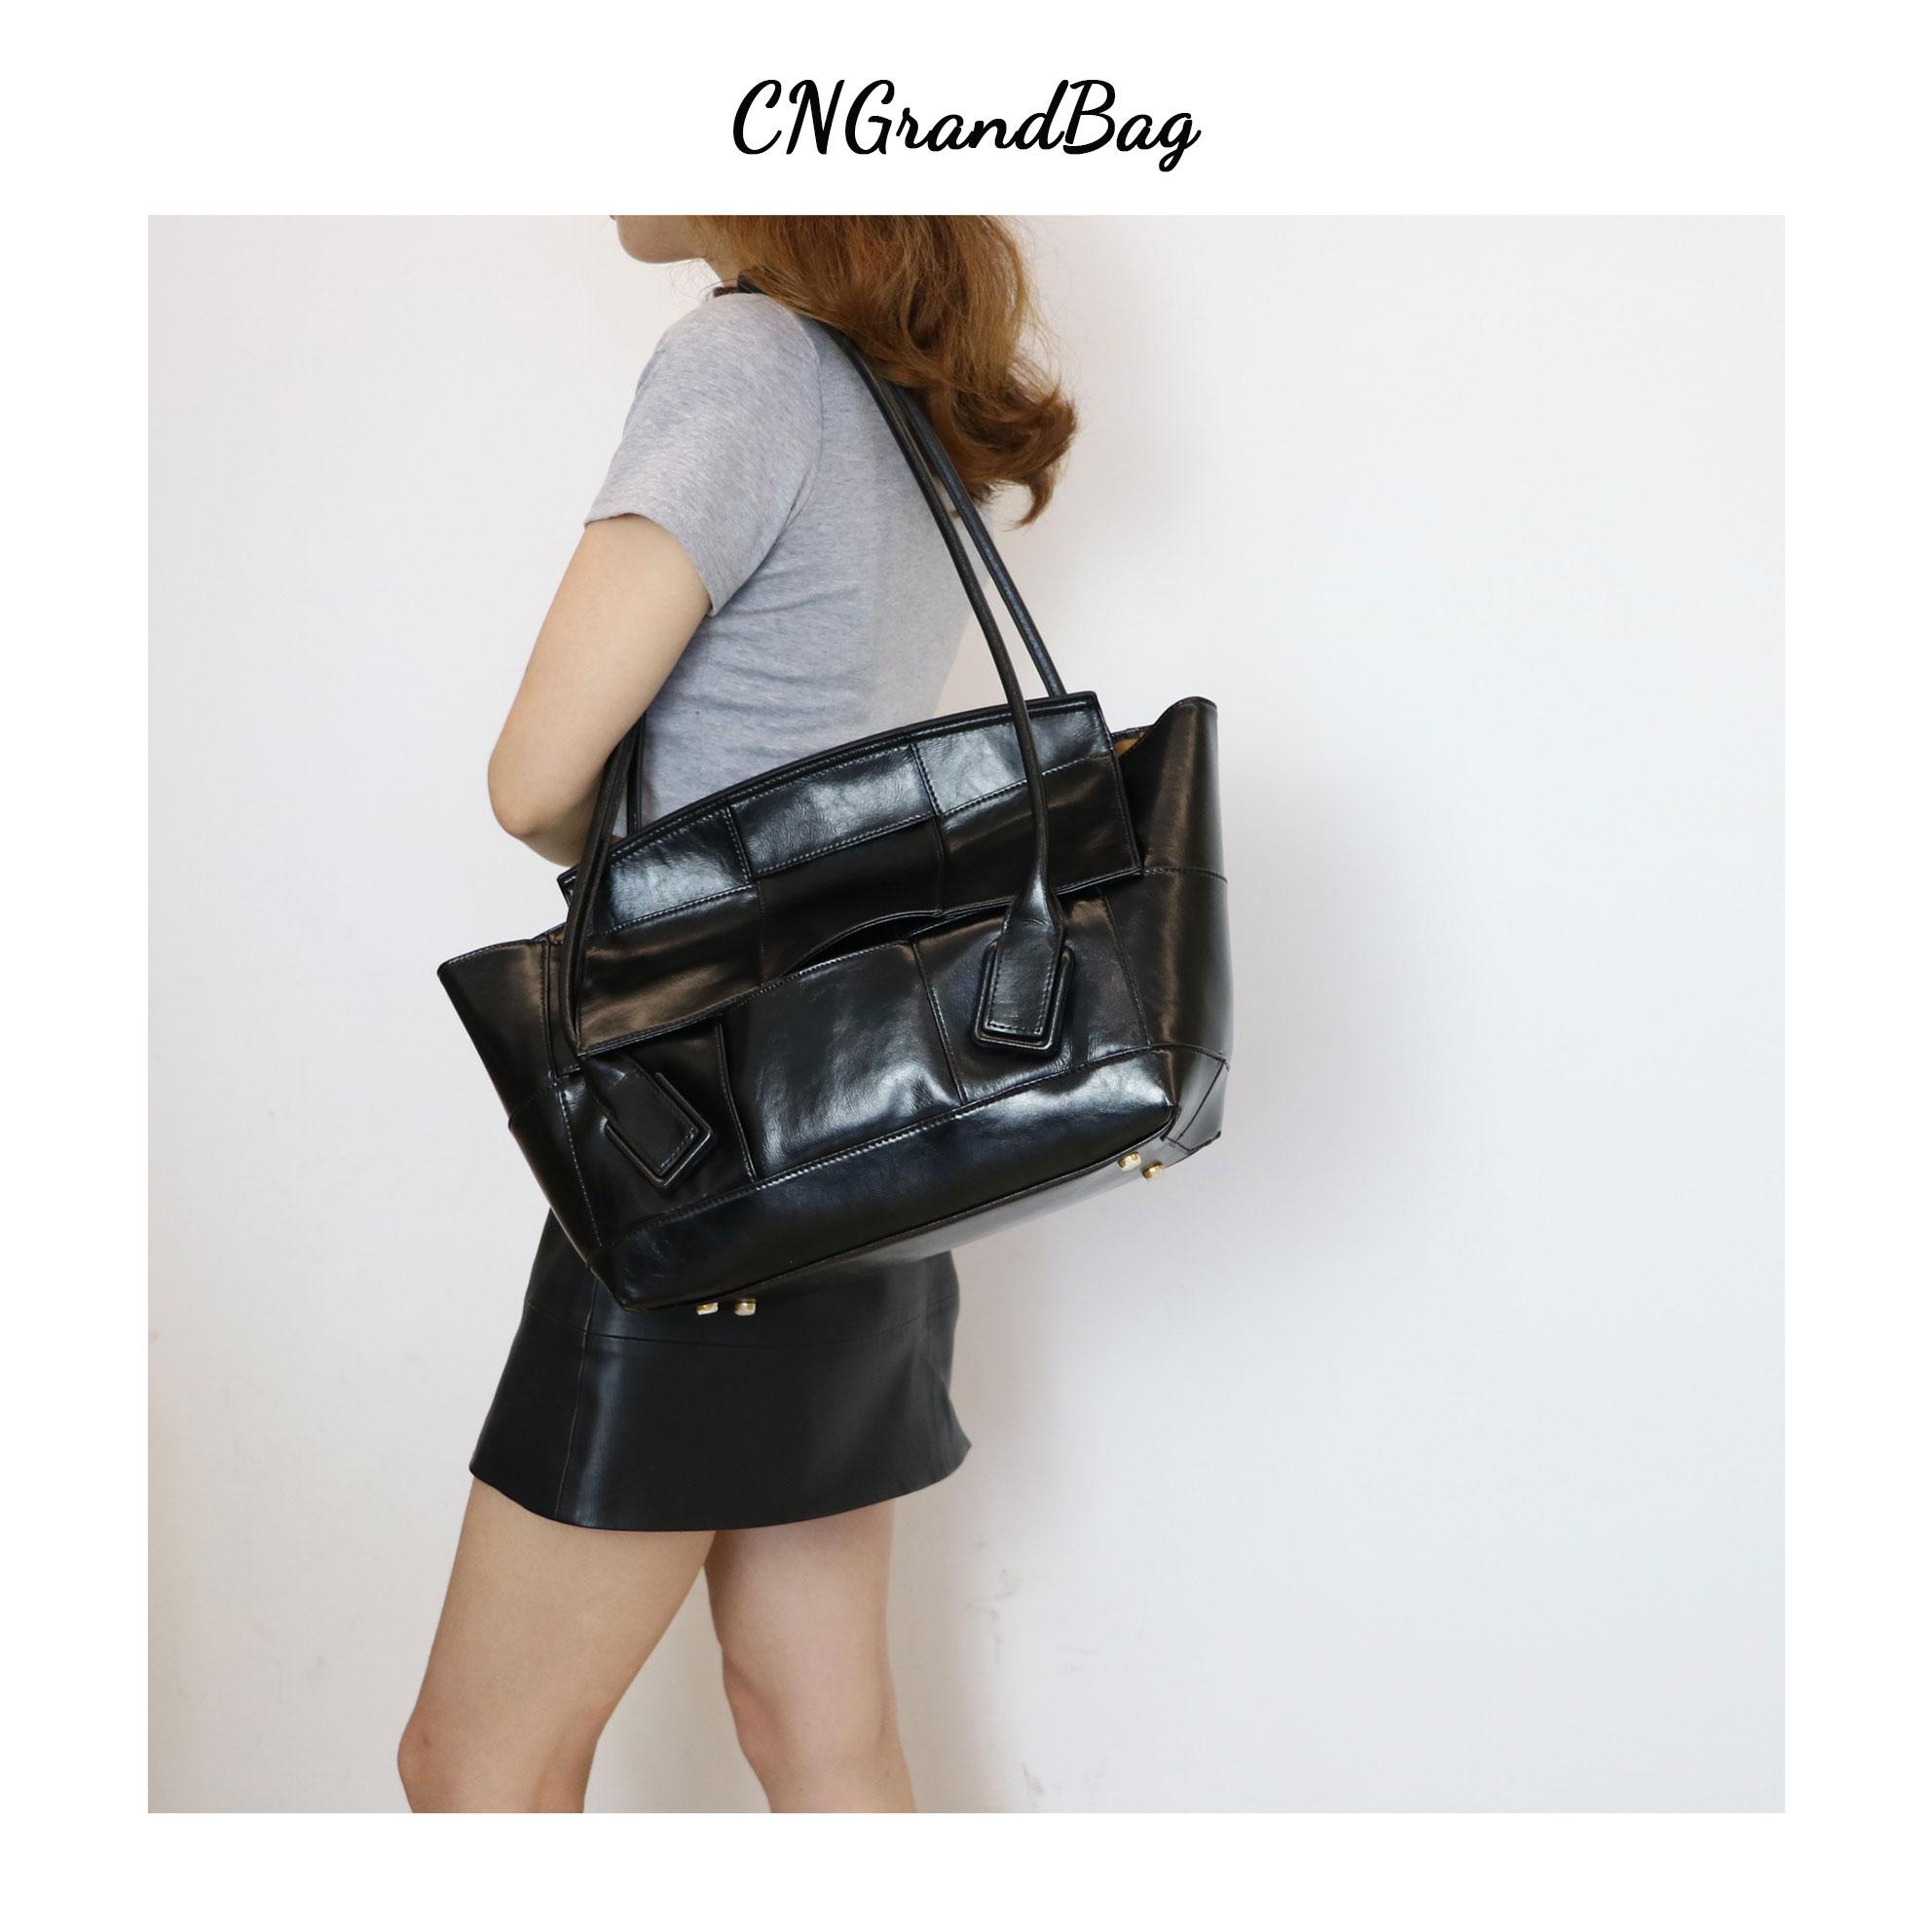 Кожаная сумка тоут Geninue с верхней ручкой, плетеная Женская сумочка тоут с изогнутыми ручками в форме дуги, мягкая кожаная сумка тоут|Сумки с ручками| | АлиЭкспресс